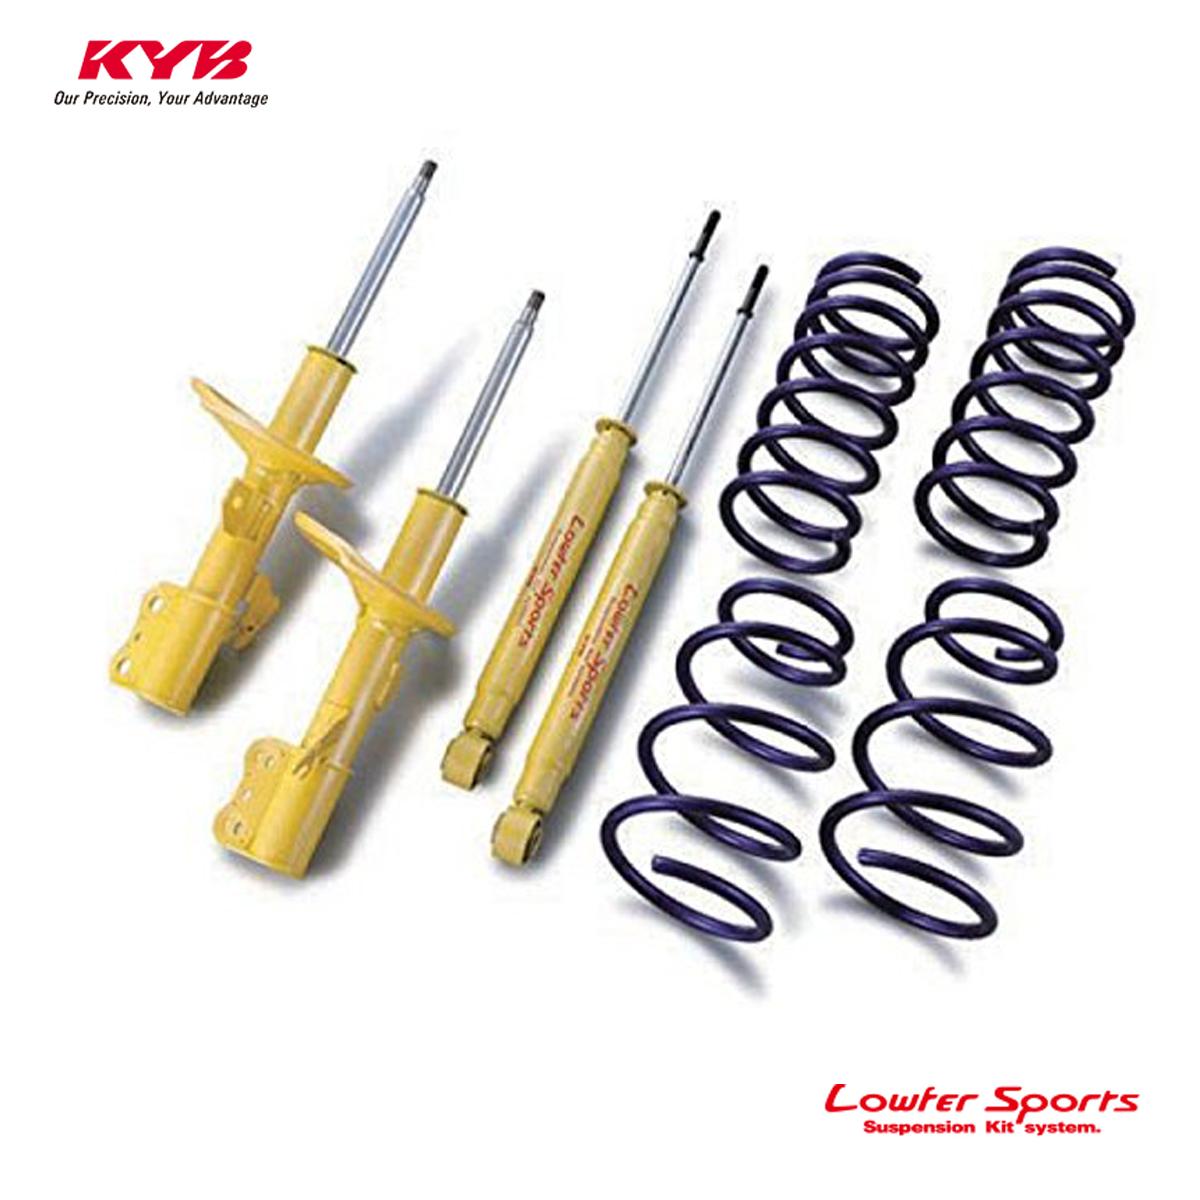 KYB カヤバ ヴォクシー AZR60G ショックアブソーバー サスペンションキット Lowfer Sports LKIT-AZR61G 配送先条件有り